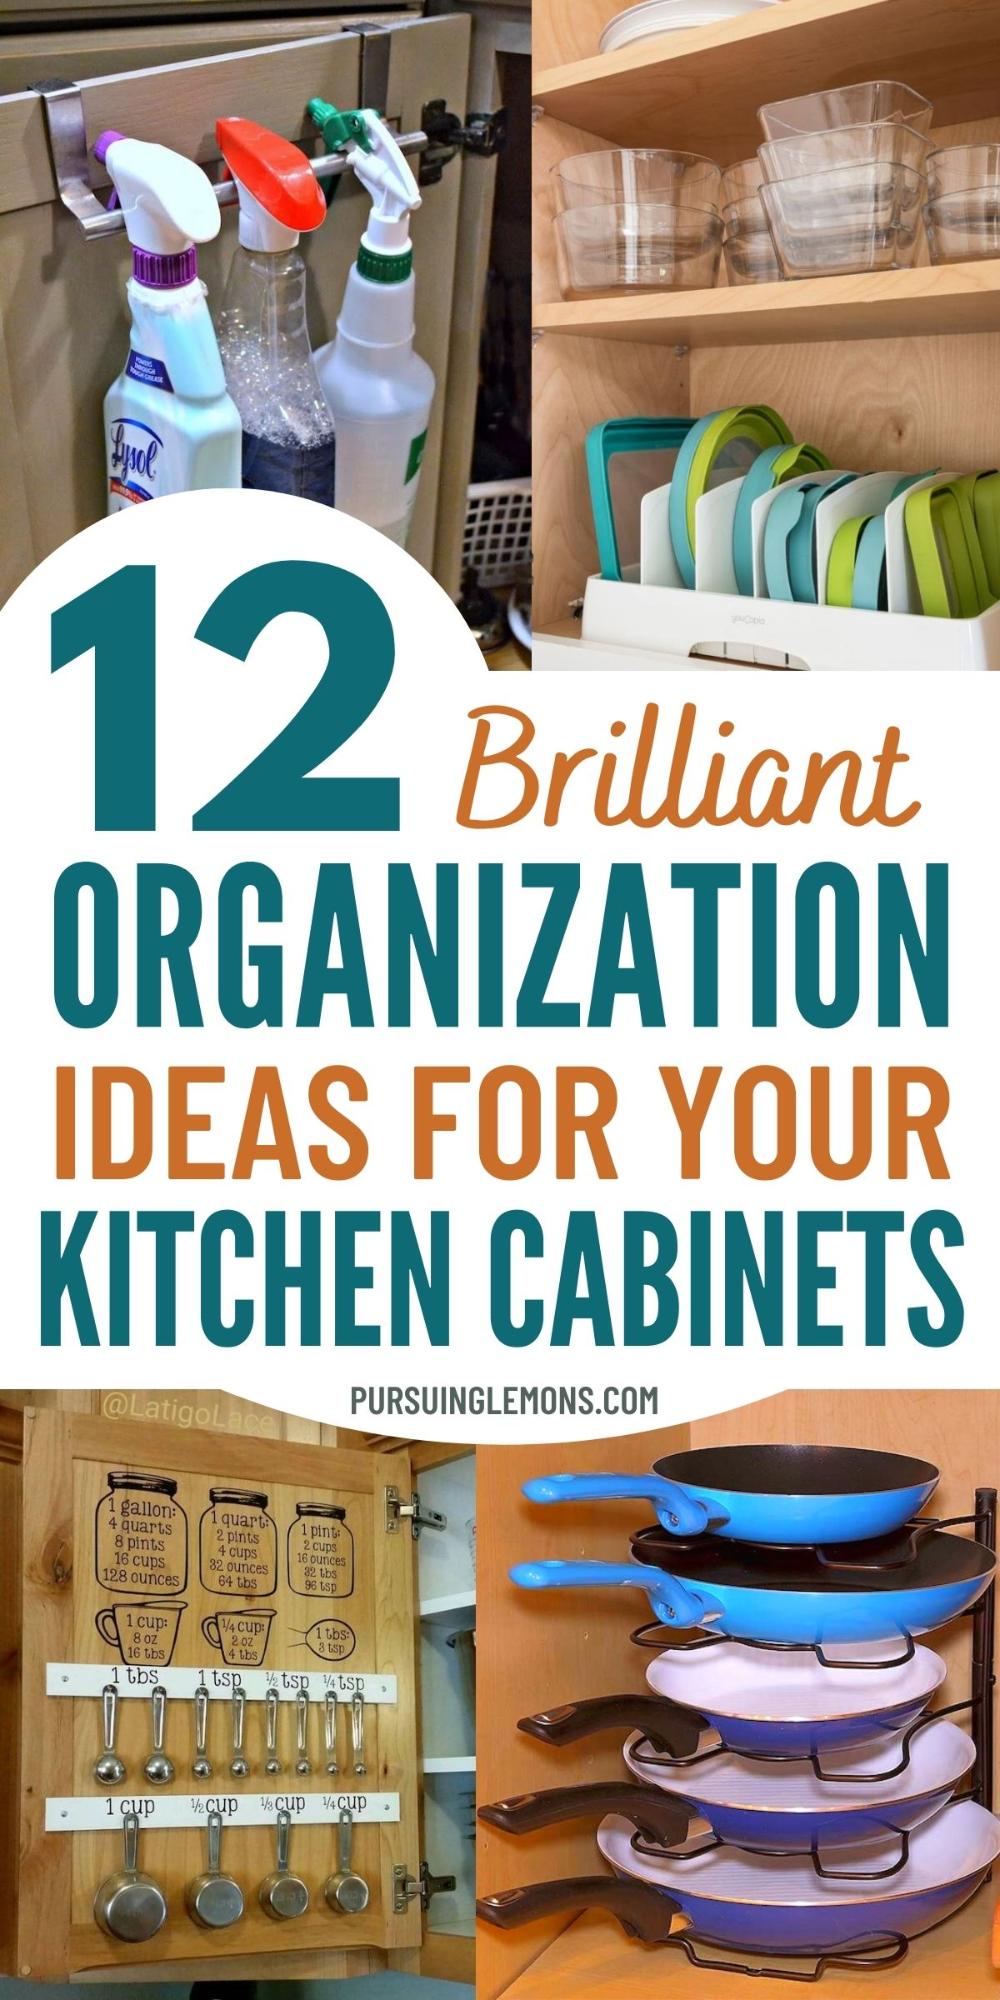 12 Brilliant Ways To Organize Kitchen Cabinets Pursuing Lemons In 2020 Kitchen Cabinet Organization Kitchen Cabinets And Cupboards Small Kitchen Cabinets